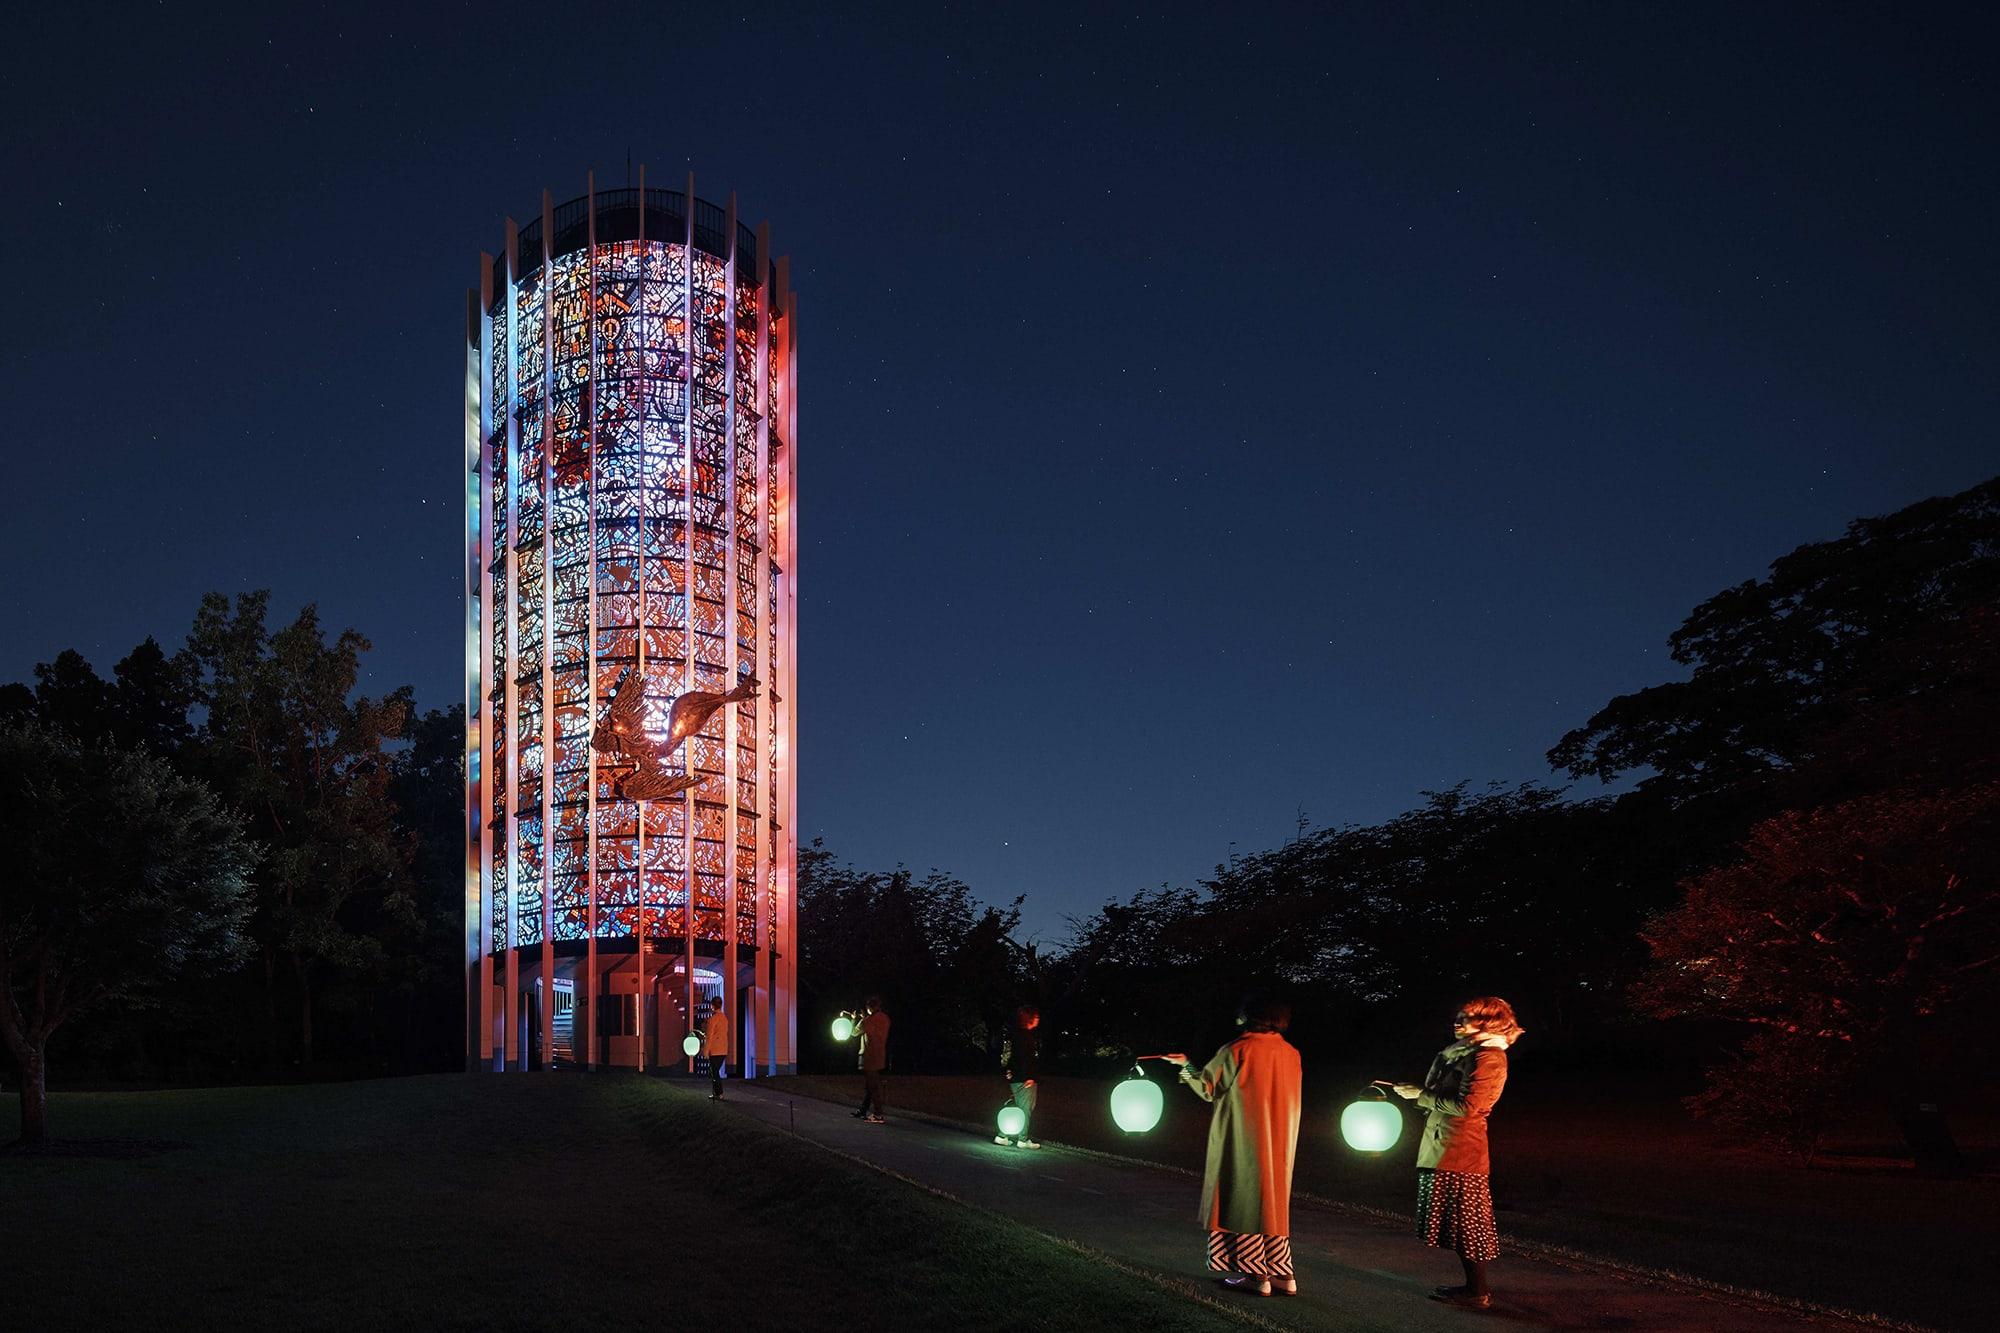 彫刻の森美術館では、ガブリエル・ロワール《幸せをよぶシンフォニー彫刻》をライトアップし「箱根ナイトミュージアム」を開催。髙橋匡太《Glow with Night Garden Project in Hakone》  ガブリエル・ロアール《幸せをよぶシンフォニー彫刻》  Photo: Mito Murakami